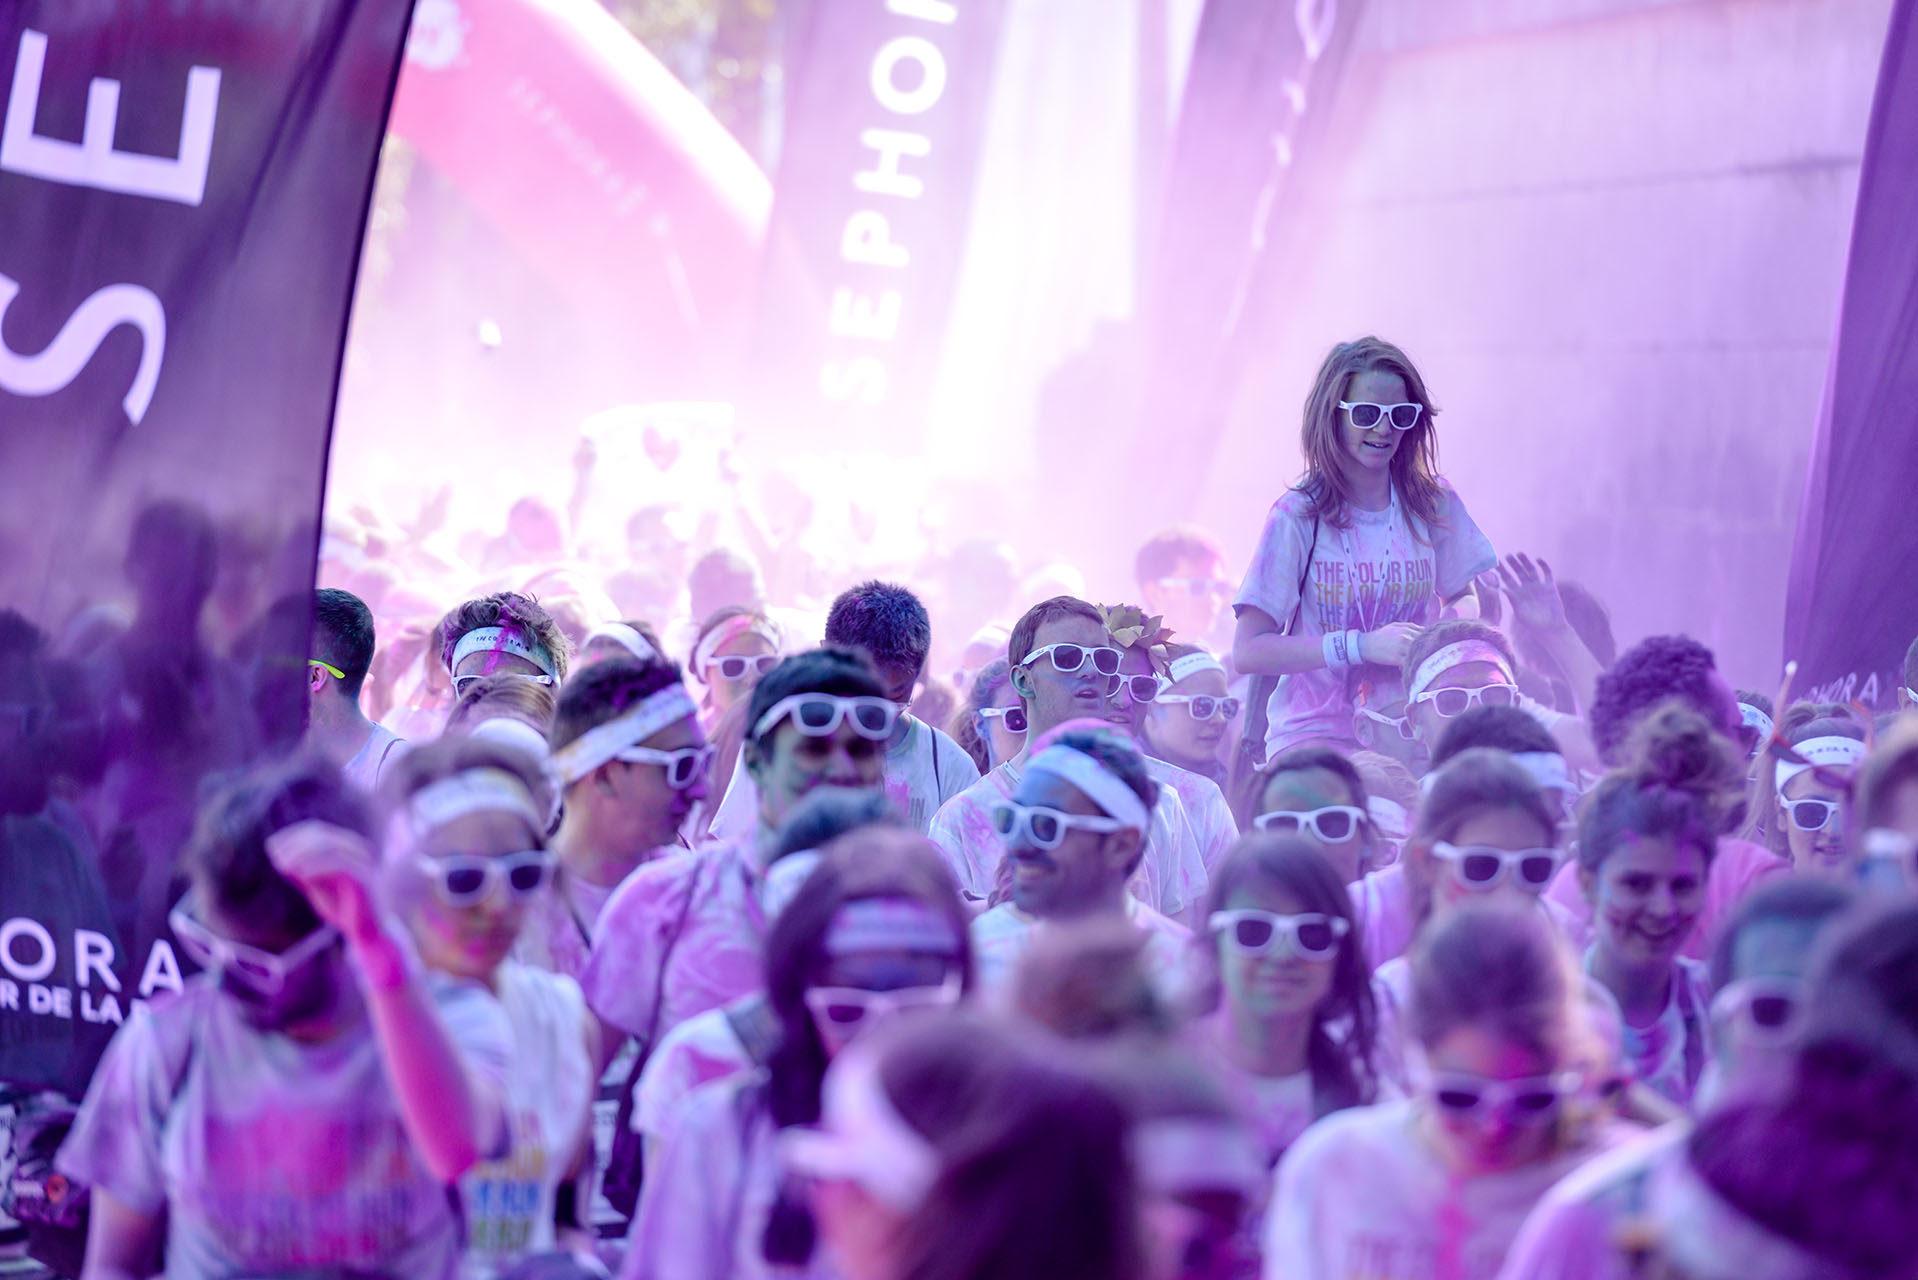 evenementiel-color-run-2015-photographe-ile-de-france-mairie-de-paris